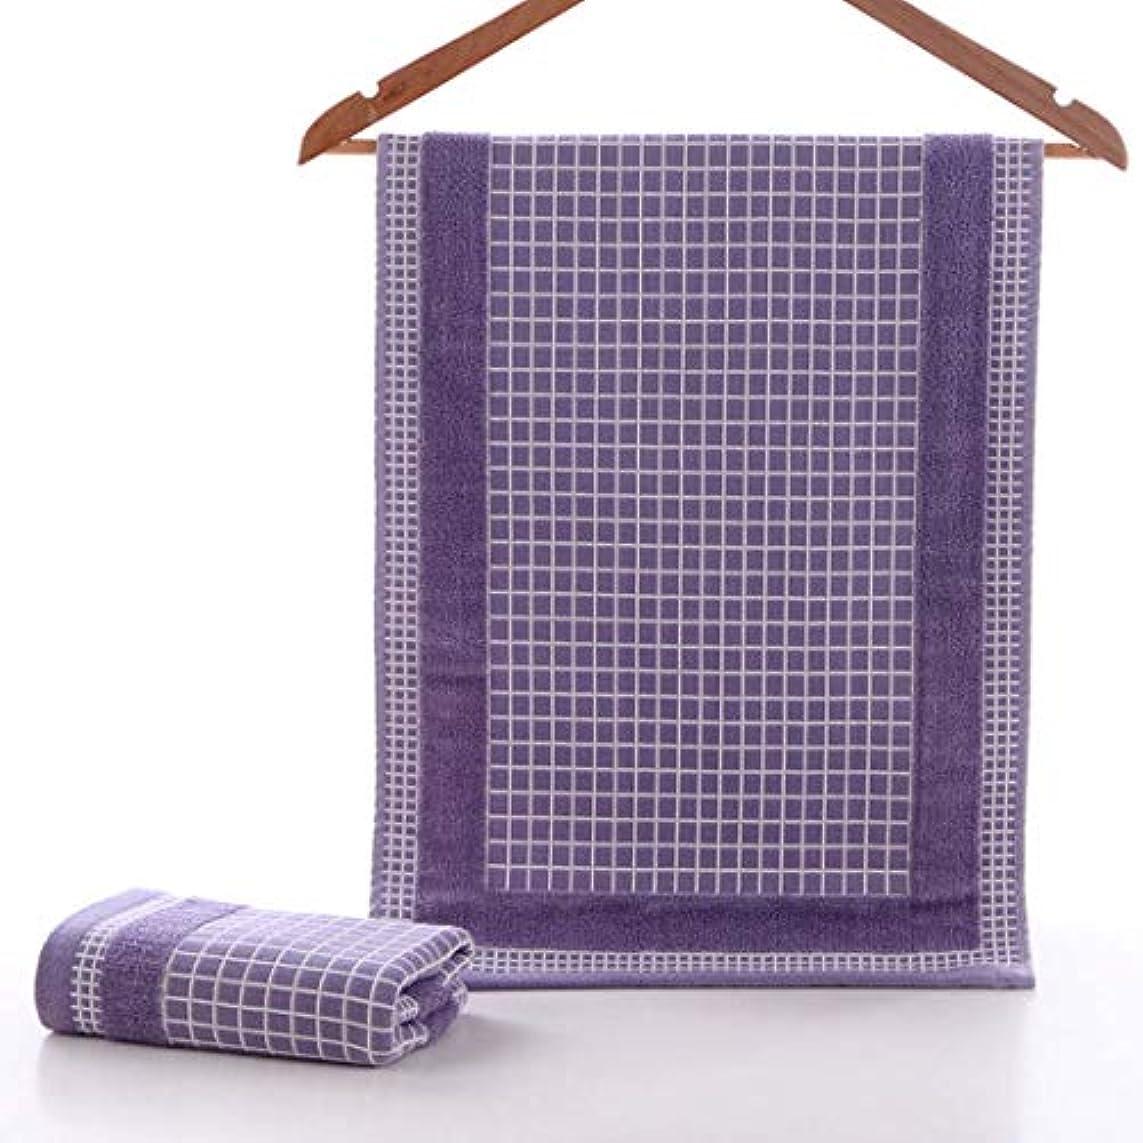 ピケ耐える調整スーパーソフトコットンタオルコットンフェイスタオル吸収性フェイスタオル,Purple,34*75